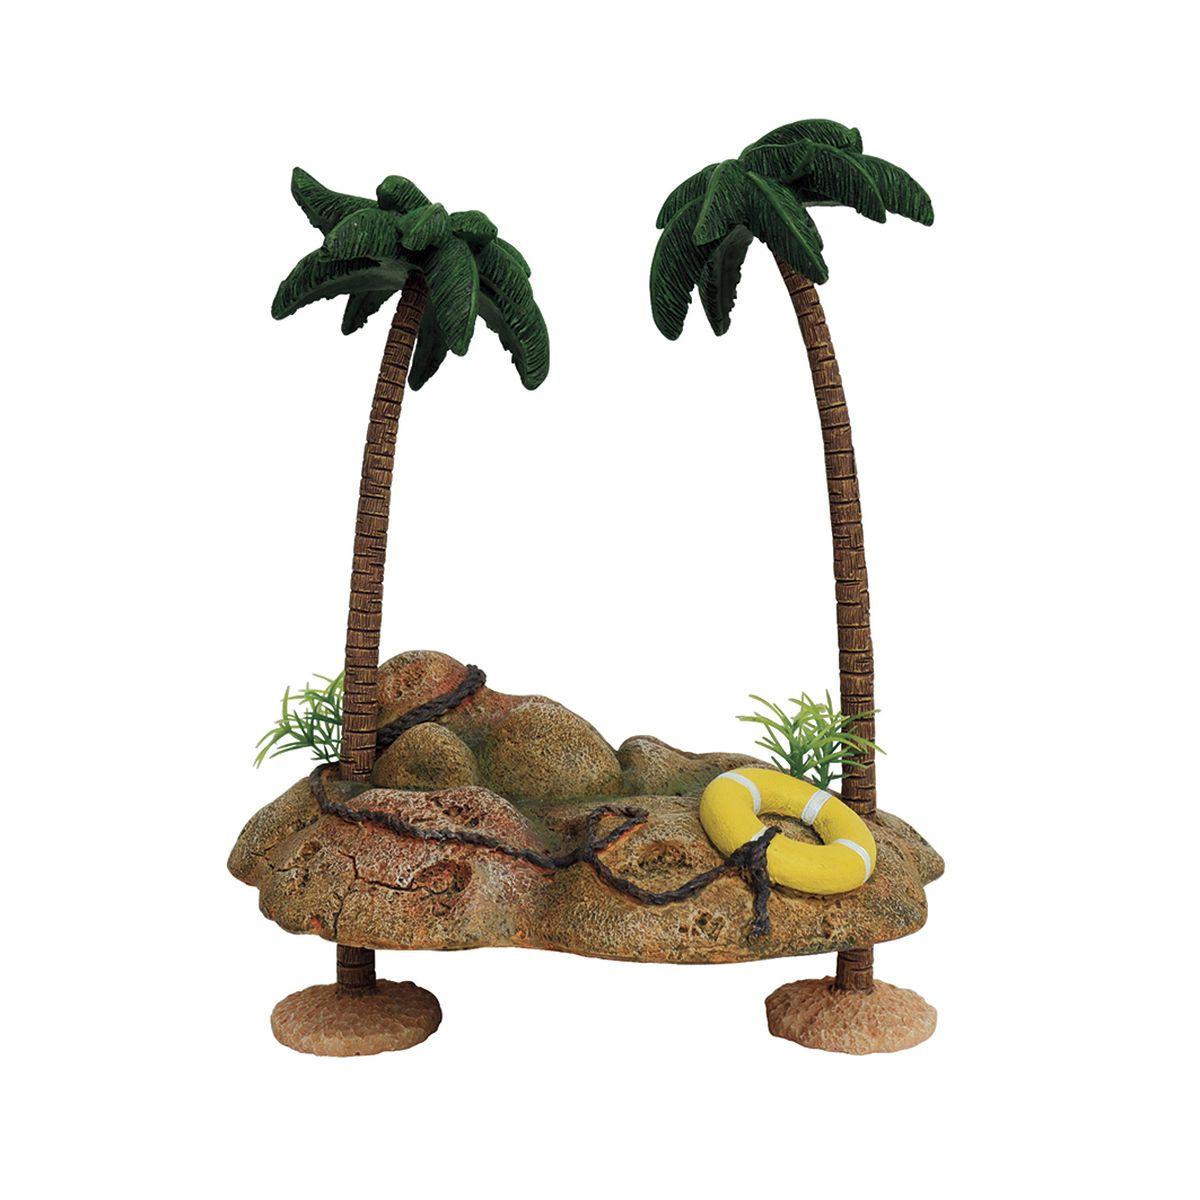 Декорация для аквариума ArtUniq Островок с пальмами для черепах, на присосках, 20,5 x 15,5 x 25,5 см декорация для аквариума artuniq пористый камень 20 5 x 10 5 x 18 8 см